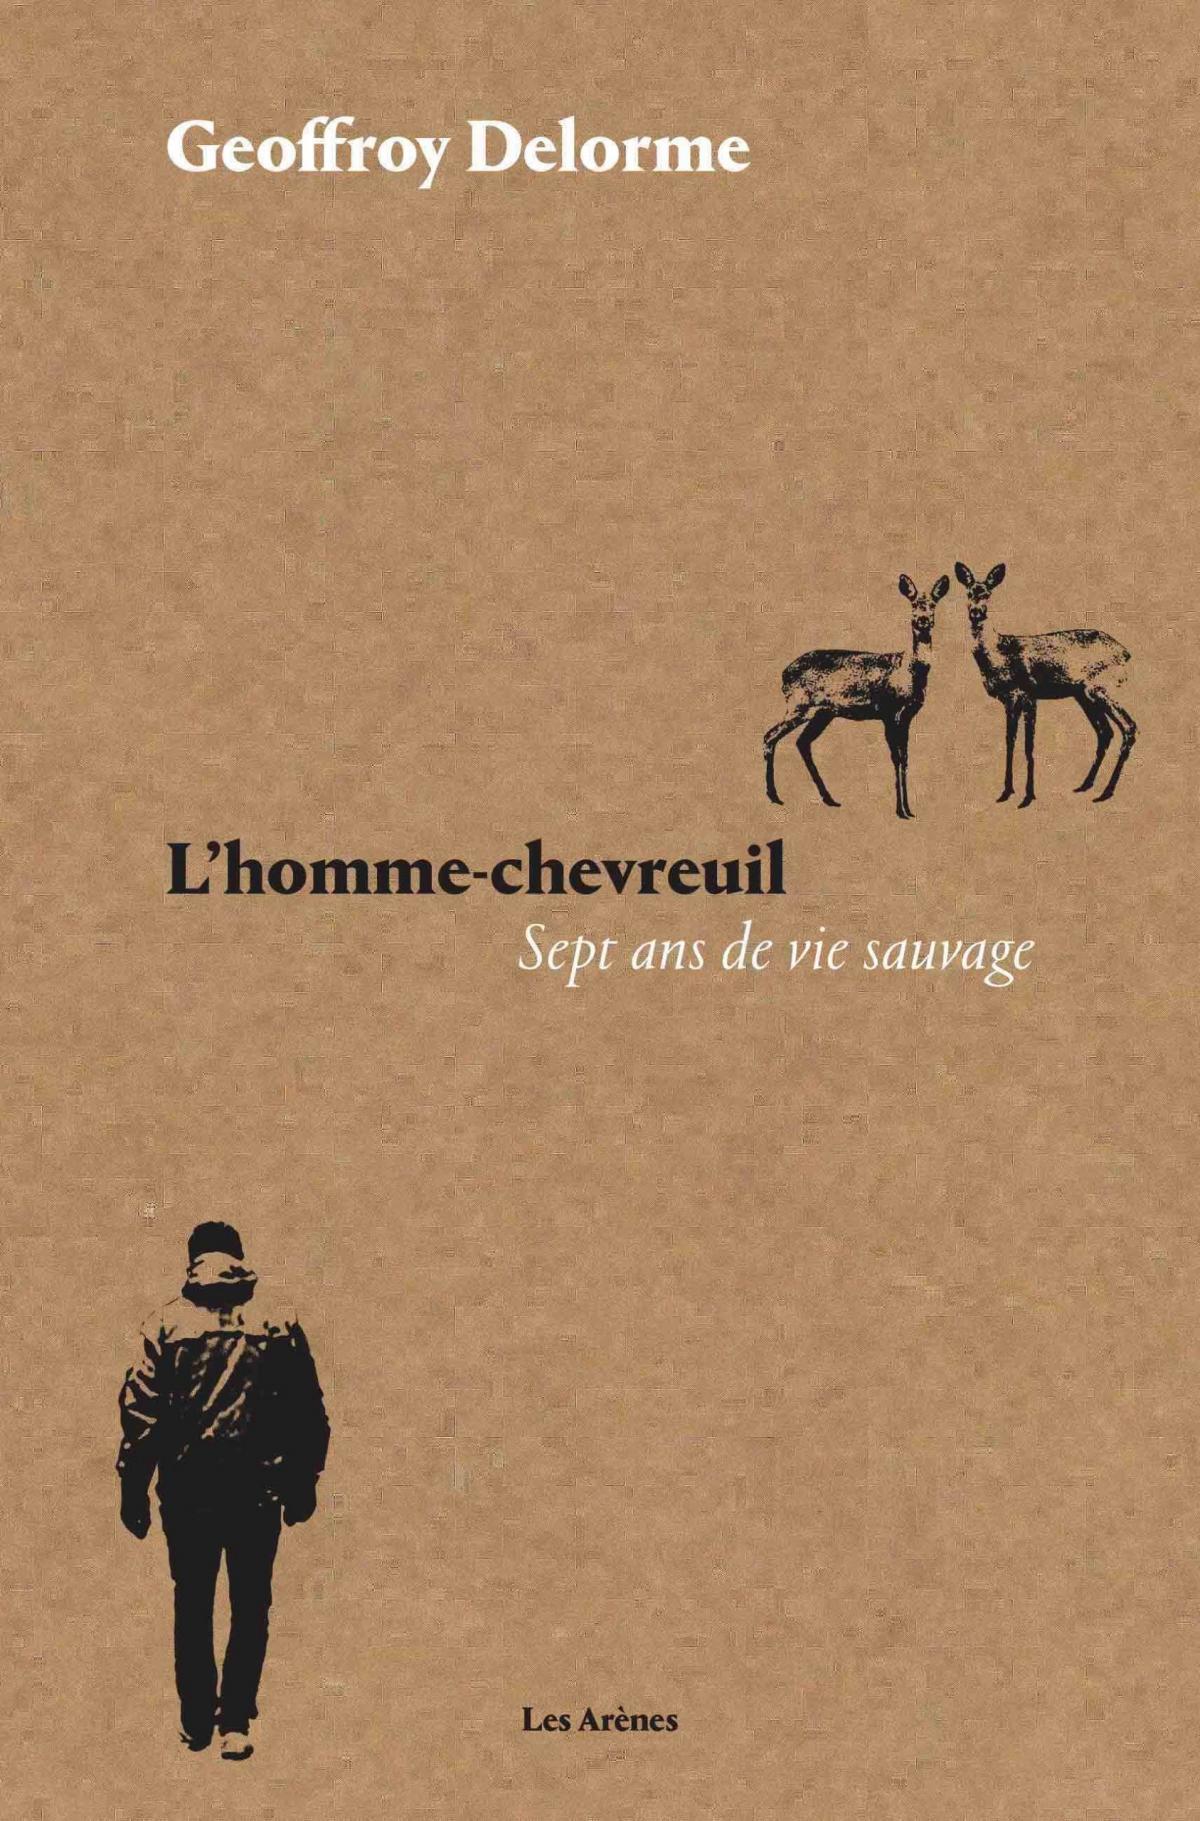 L'Homme-chevreuil. Sept ans de vie sauvage de Geoffroy Delorme